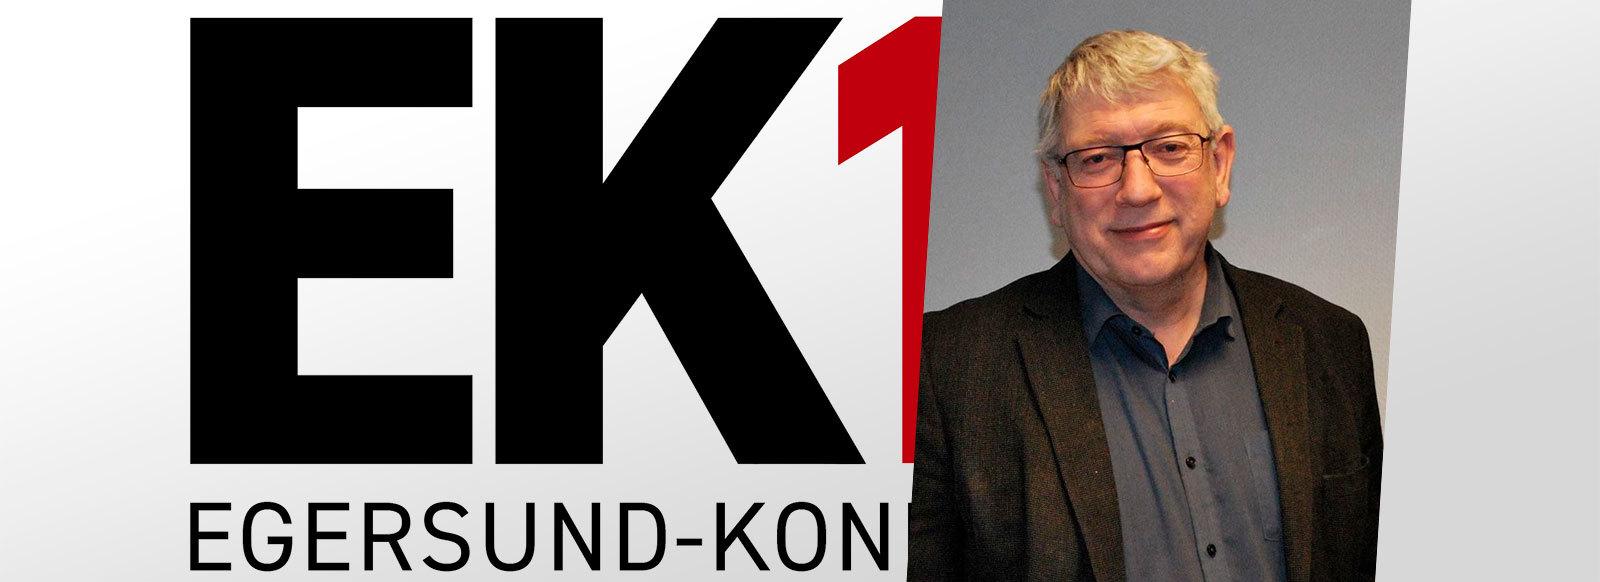 Lars Kolnes